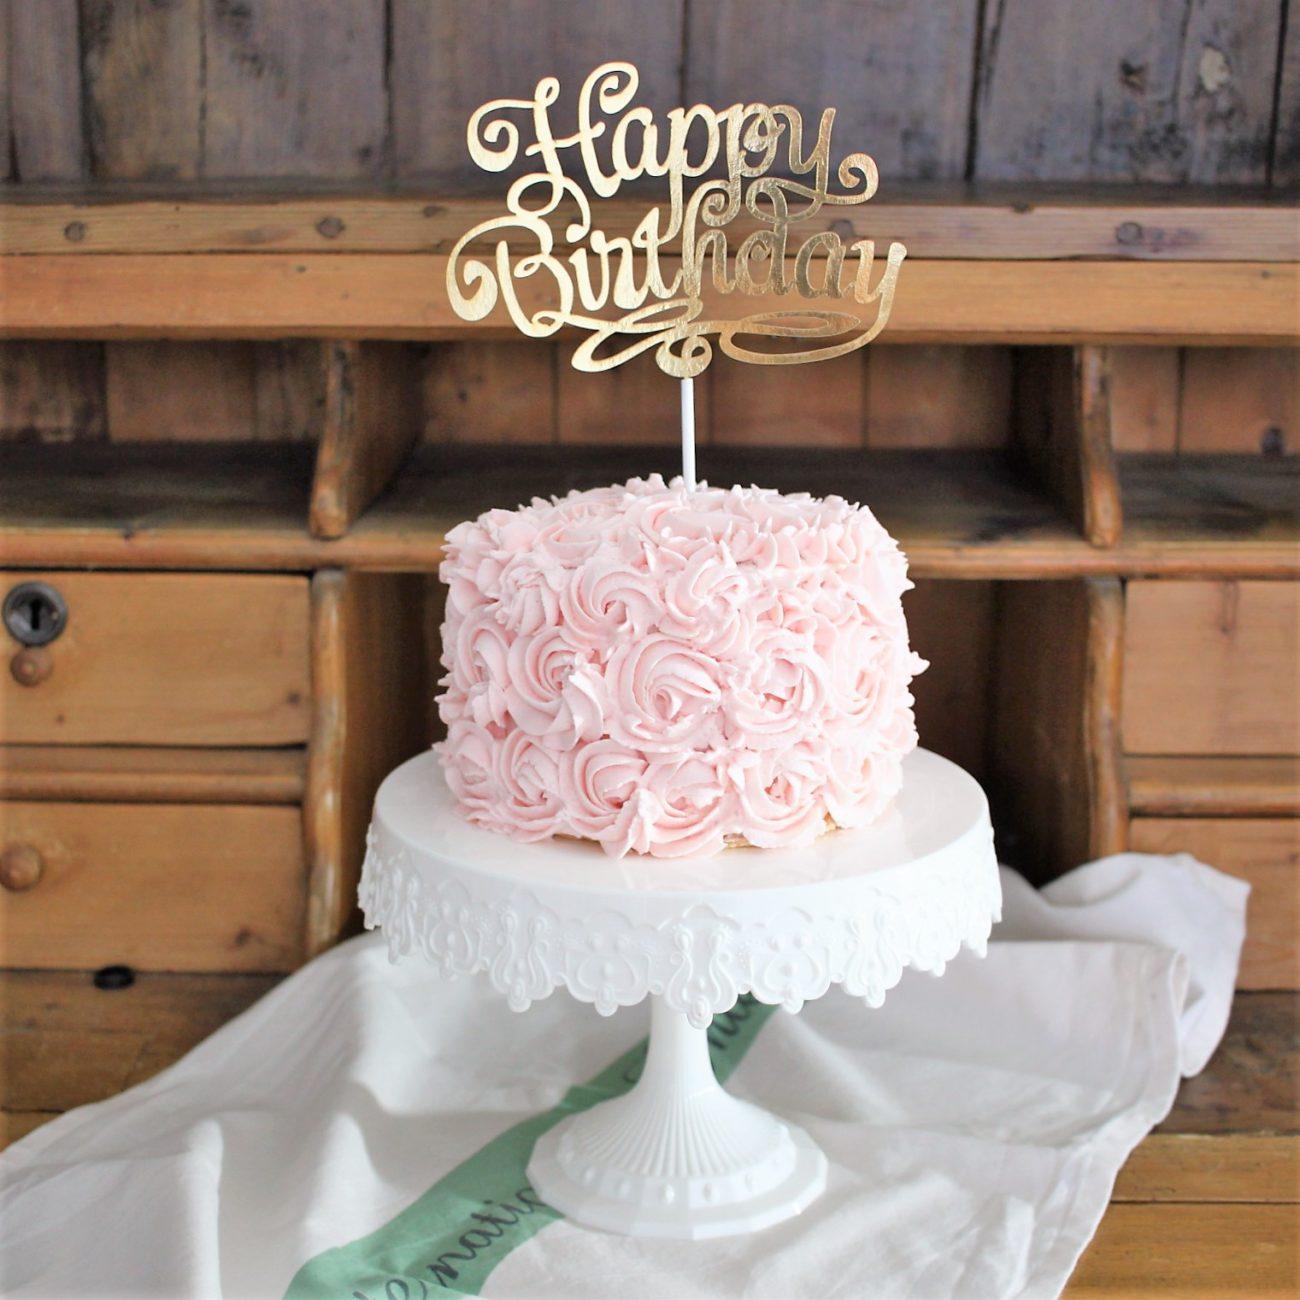 Shop Geburtstags Party